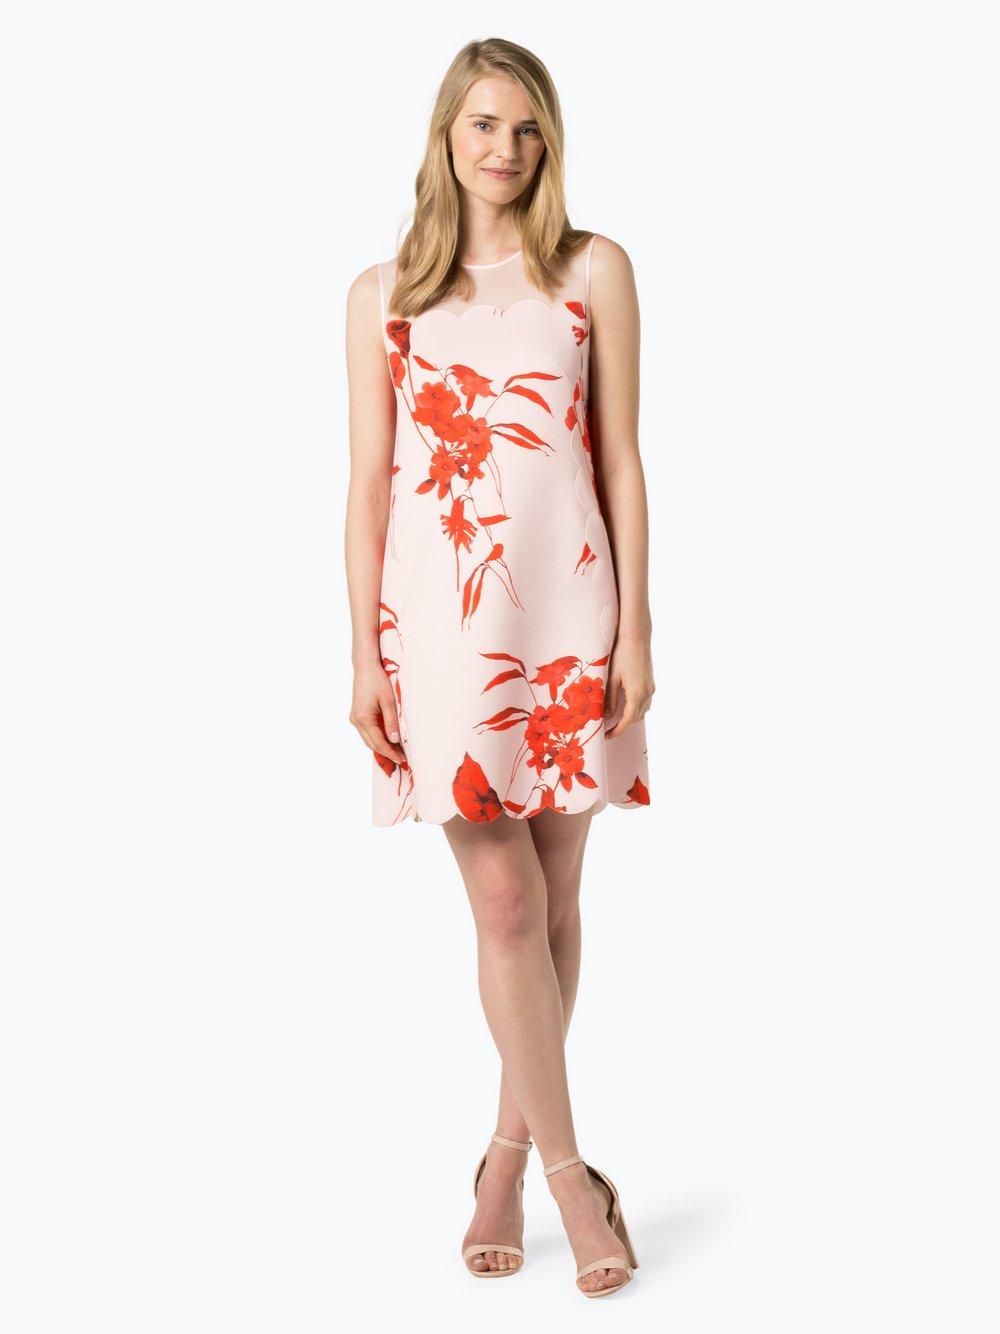 Ted Baker – Sukienka damska – Yaazmin, różowy Van Graaf 424457-0001-00360